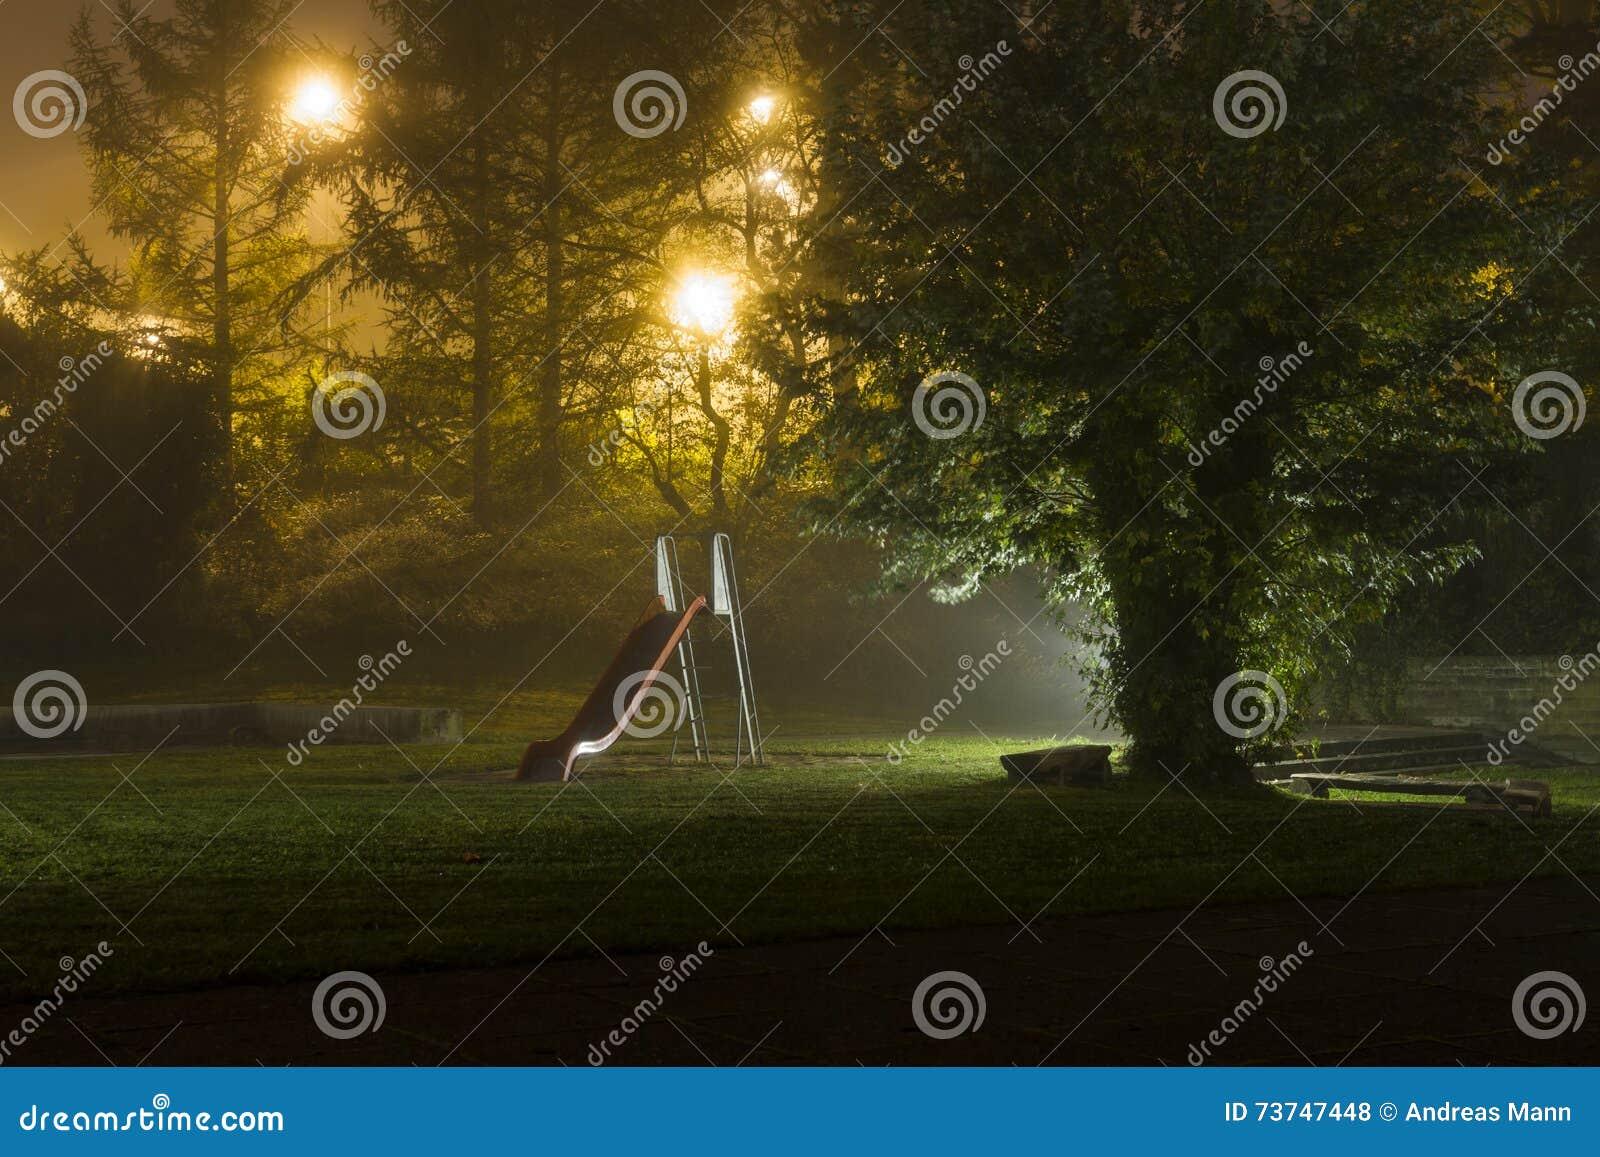 Abandoned Playground 2 Stock Photo Image Of Childhood 73747448